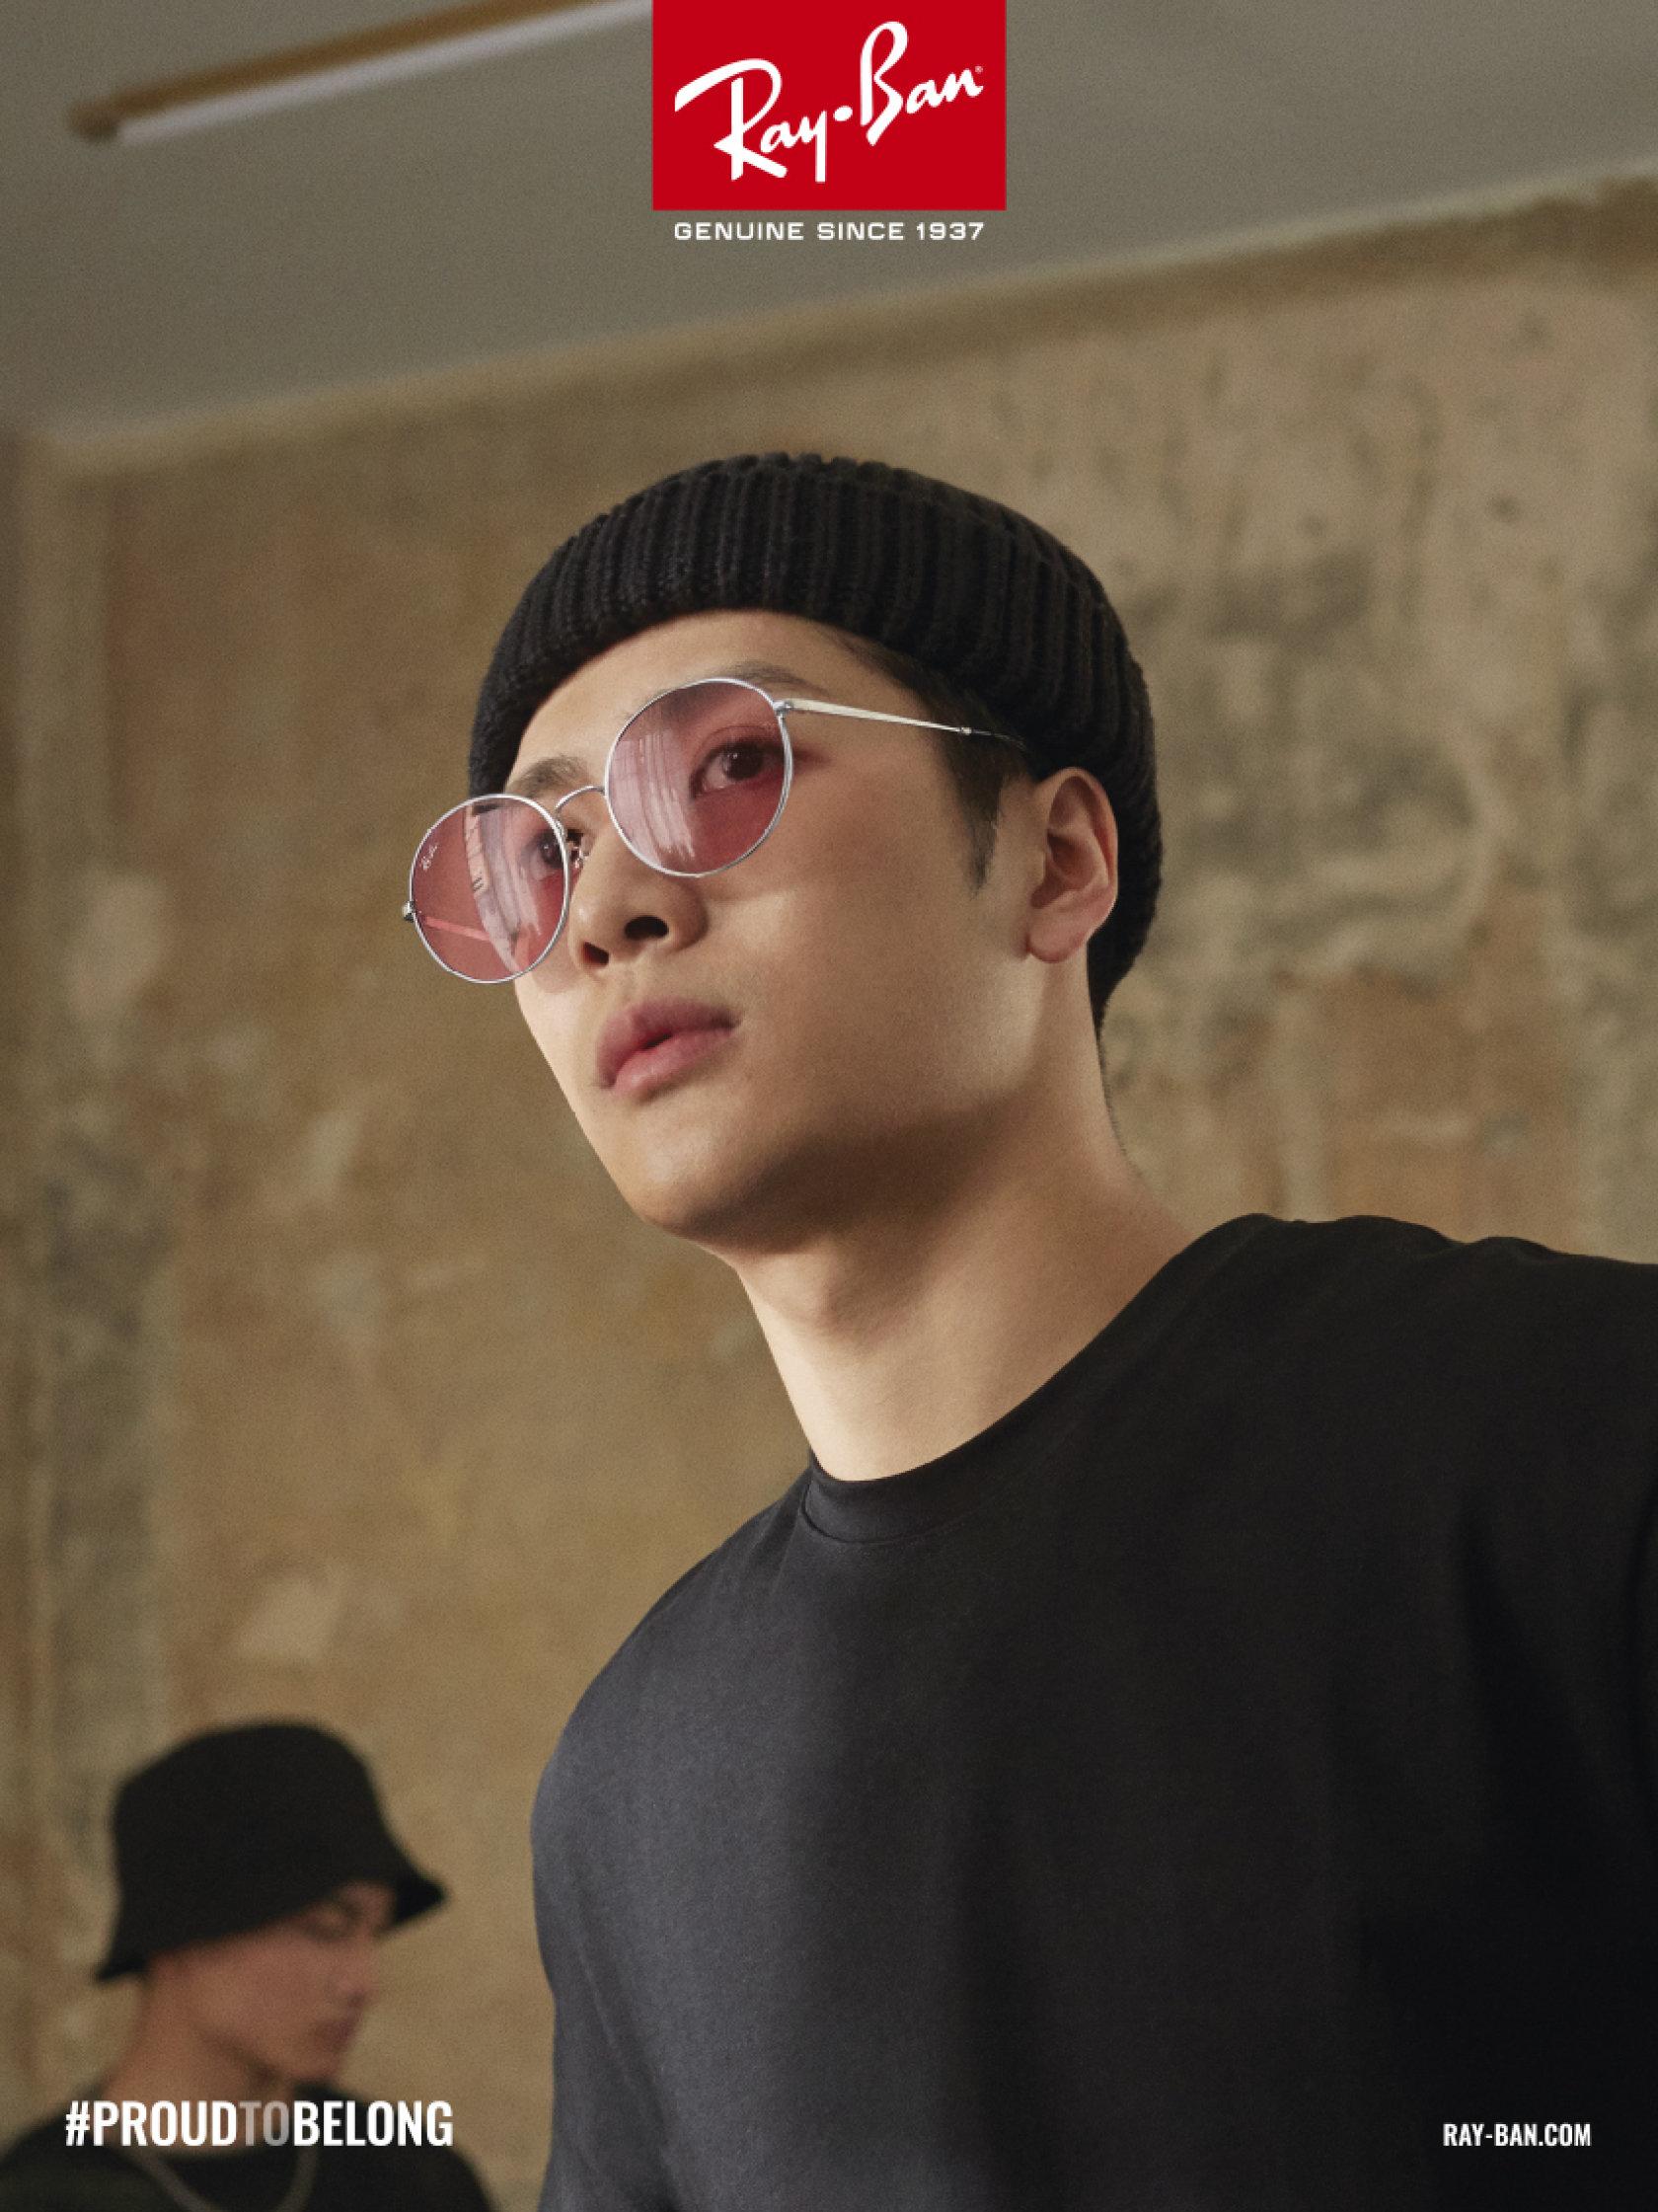 Ray Ban - Najprodavanije Naočale u Povijesti